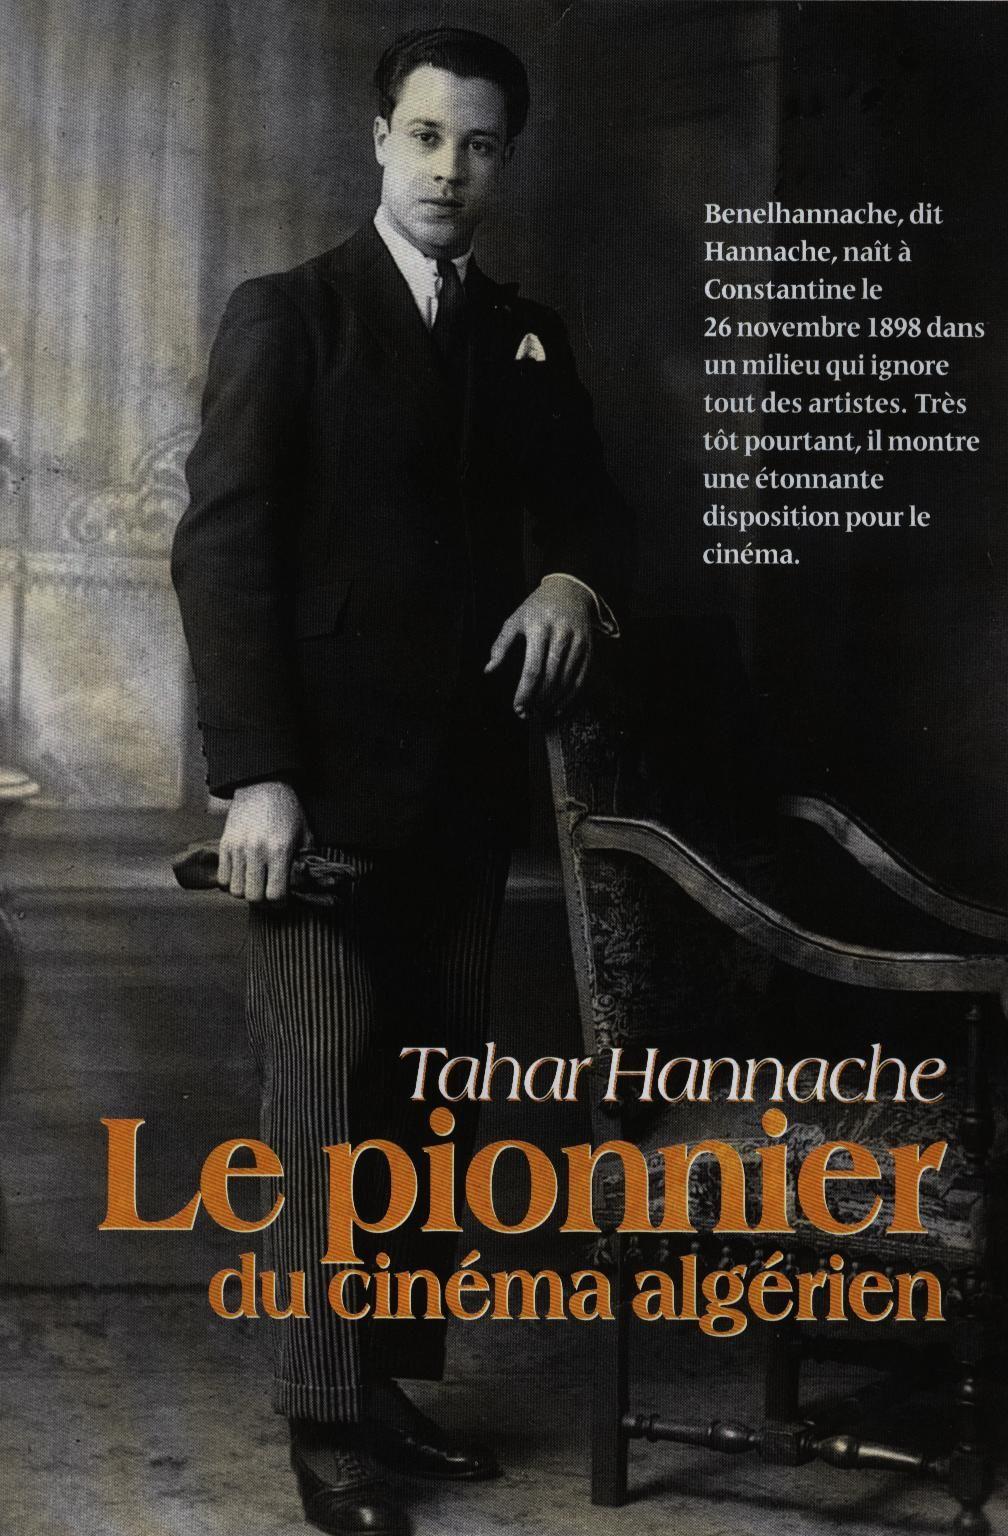 Tahar Hannache, le pionnier du cinéma algérien